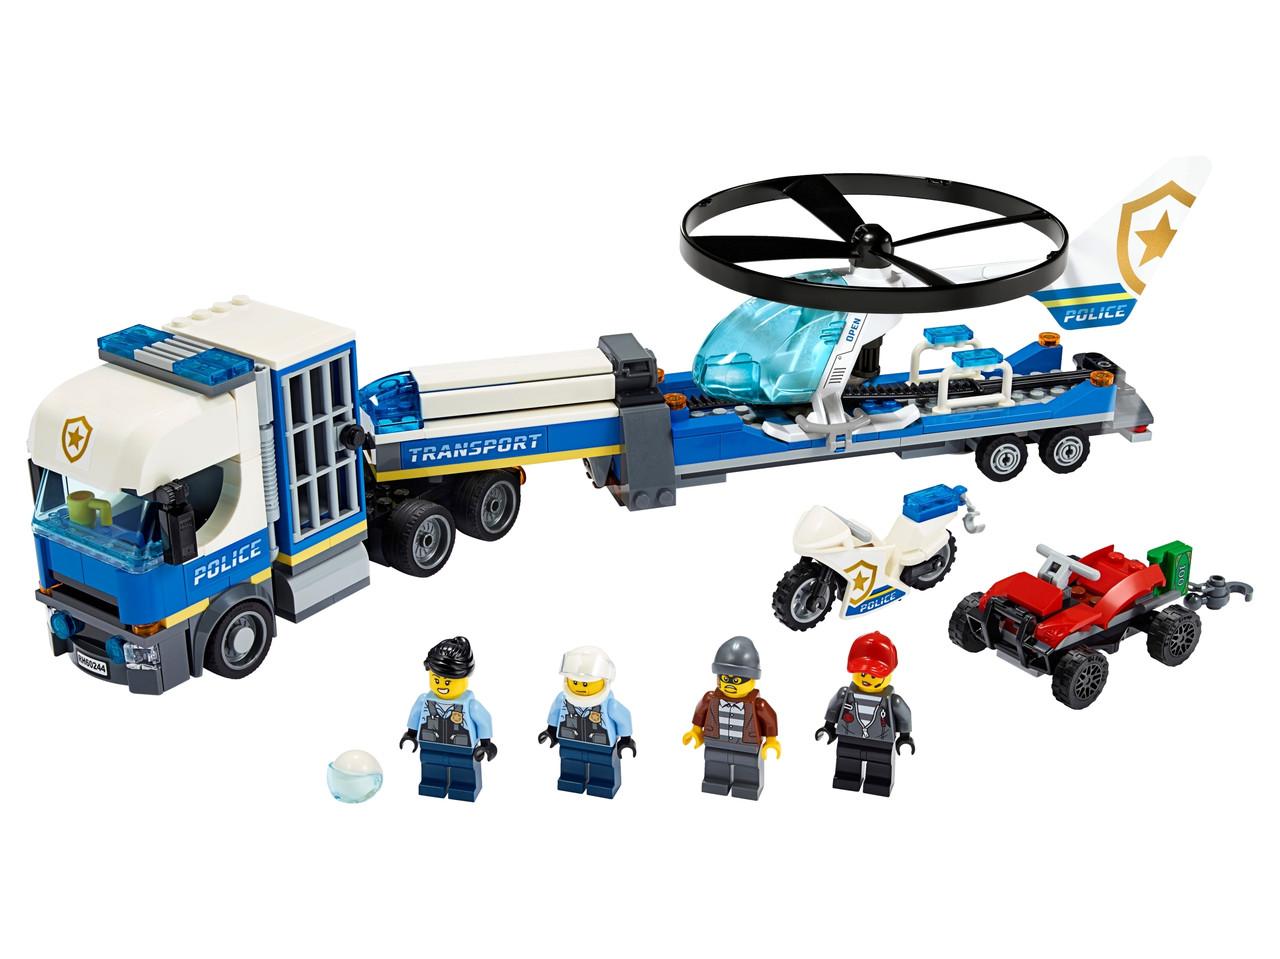 Конструктор LEGO Полицейский вертолётный транспорт 317 деталей (60244)